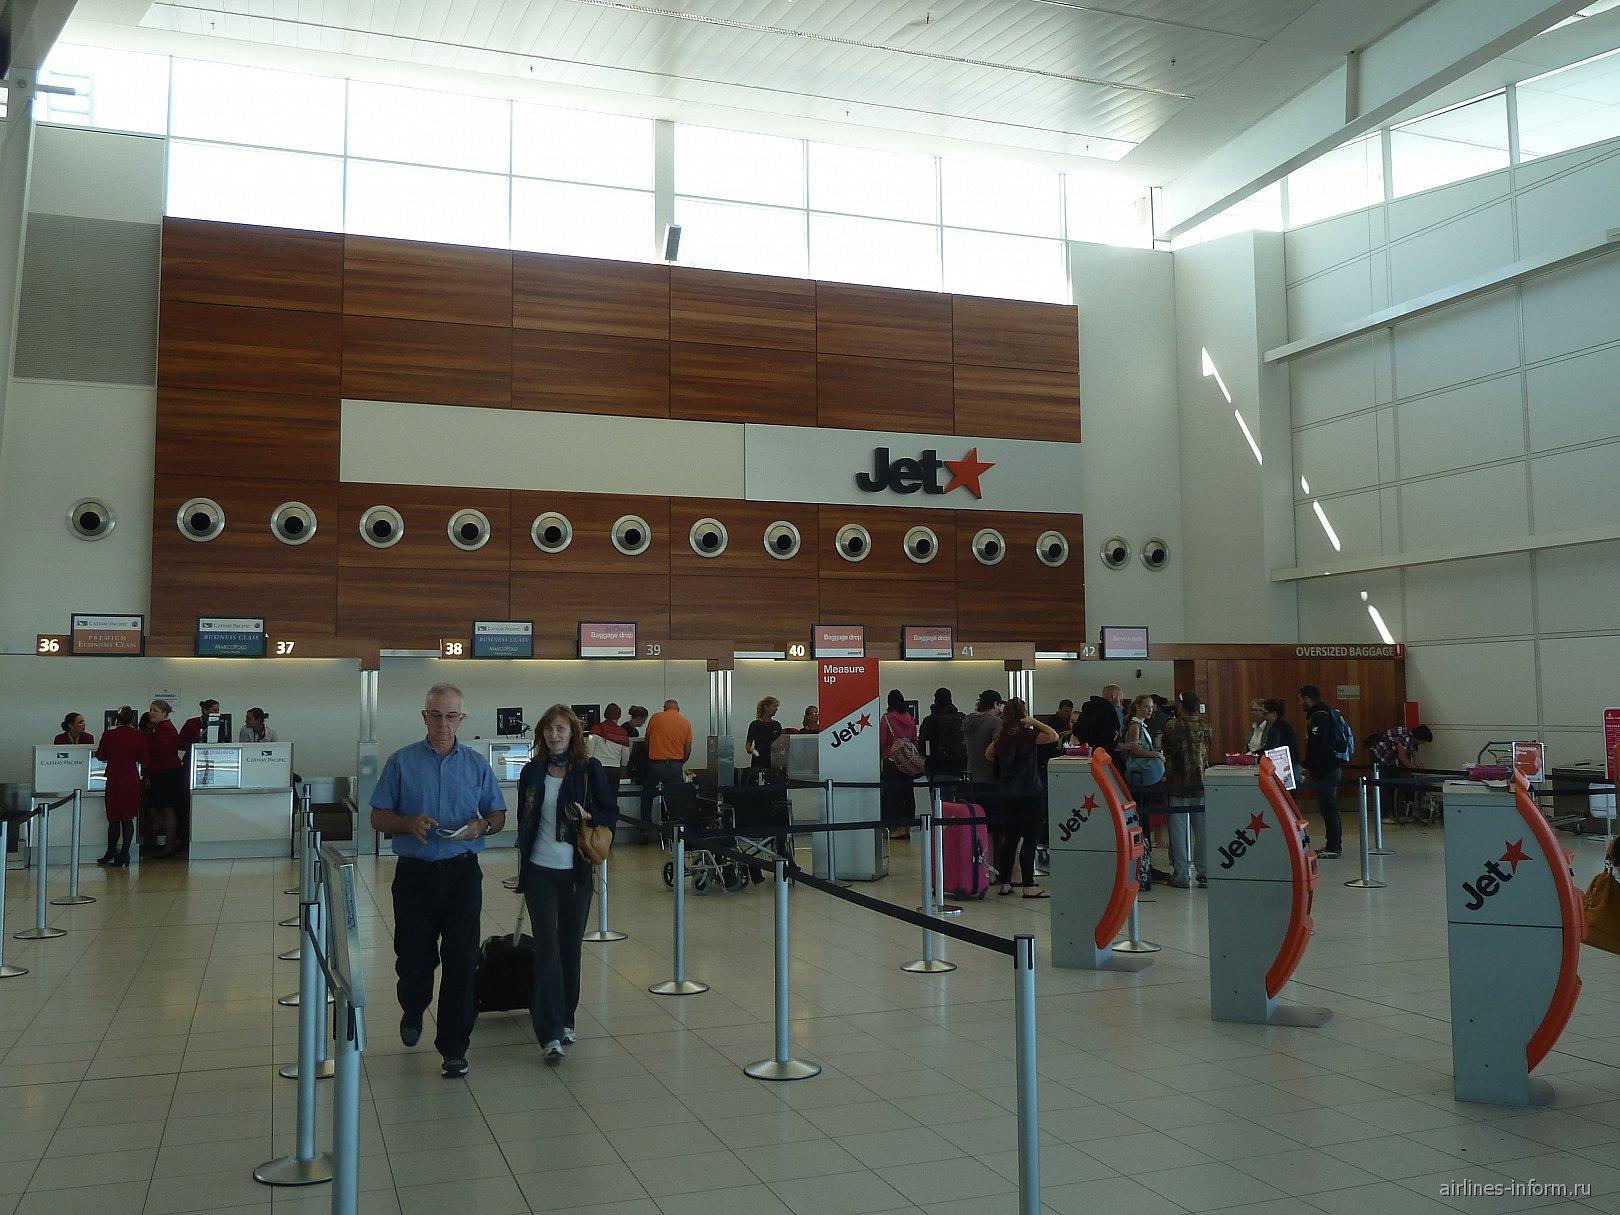 Стойки регистрации авиакомпании Jetstar в аэропорту Аделаида